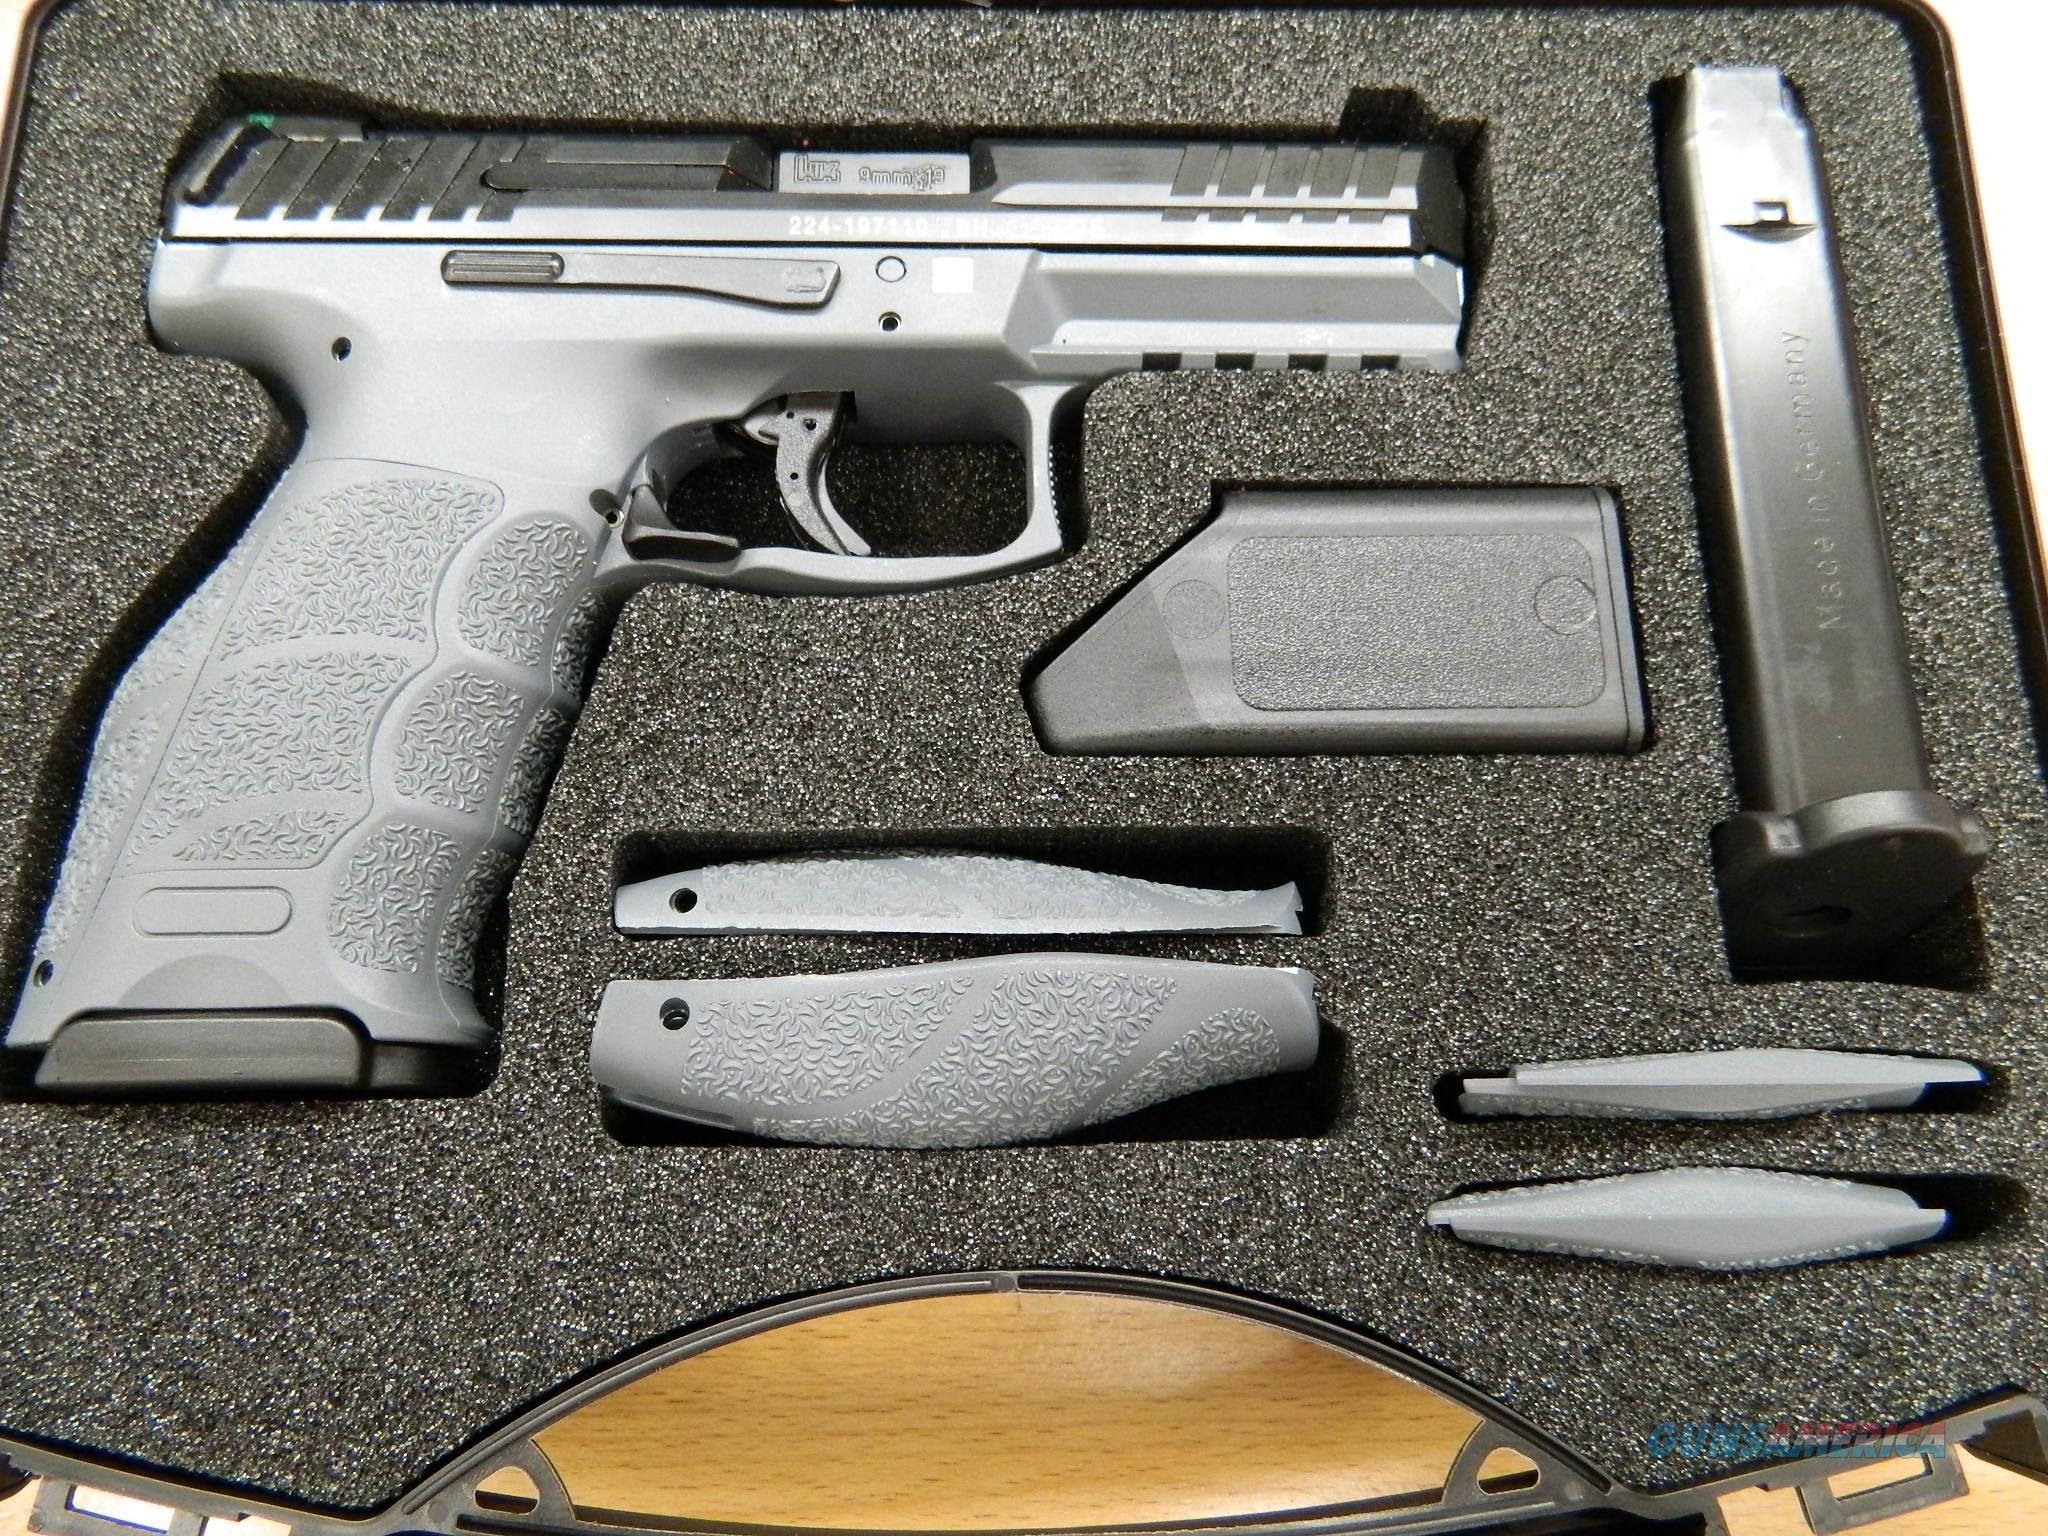 Heckler & Koch VP9 LE Grey night sights 3mags  NIB  Guns > Pistols > Heckler & Koch Pistols > Polymer Frame